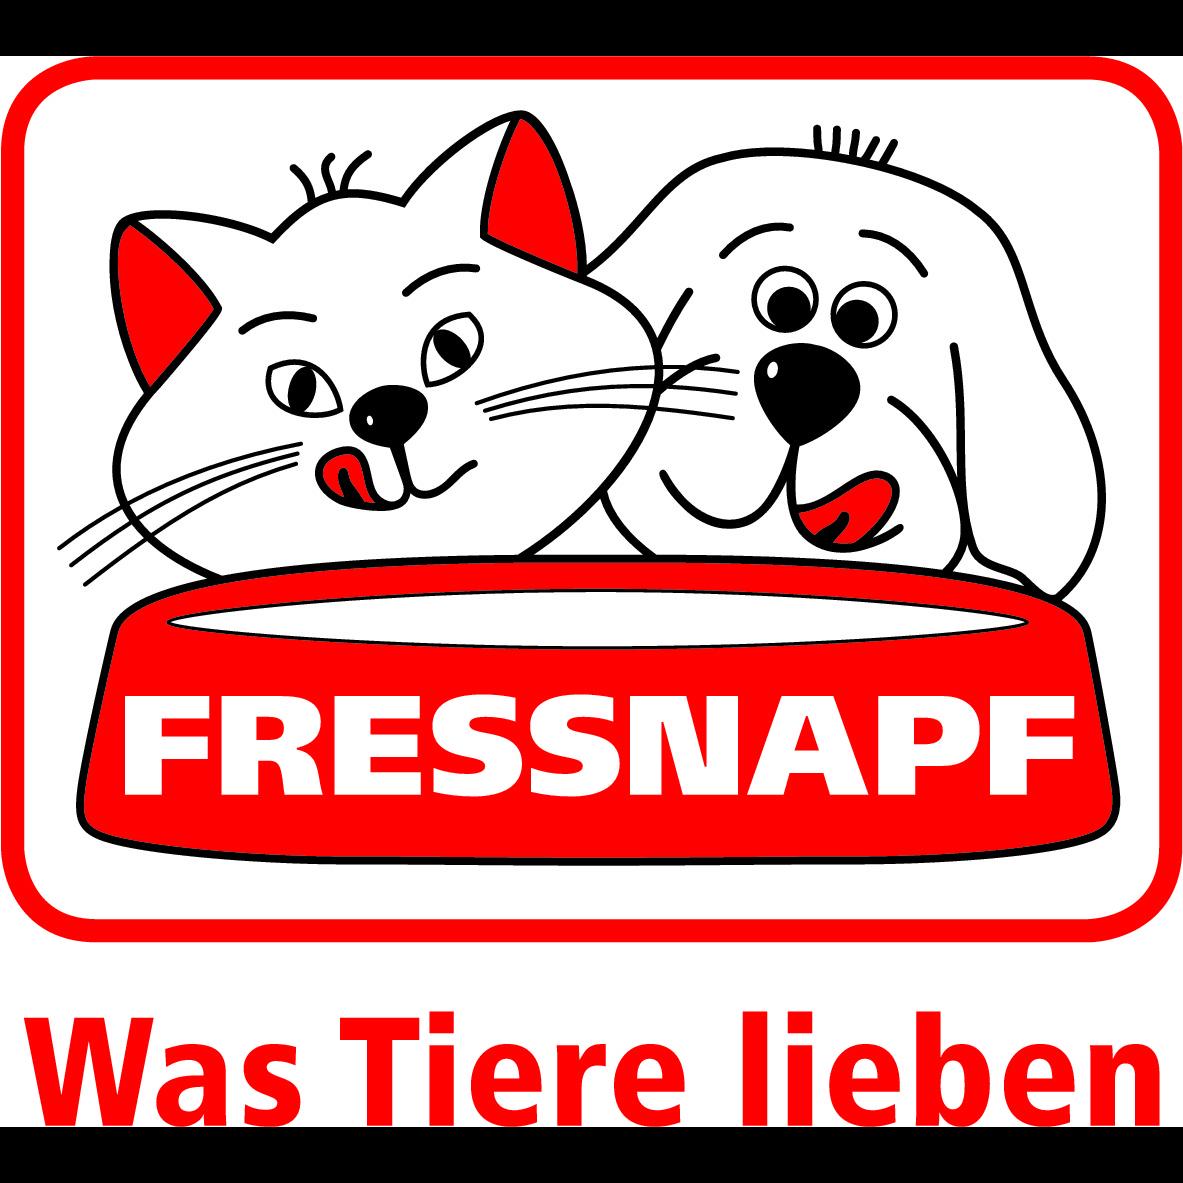 Fressnapf Neckarsulm